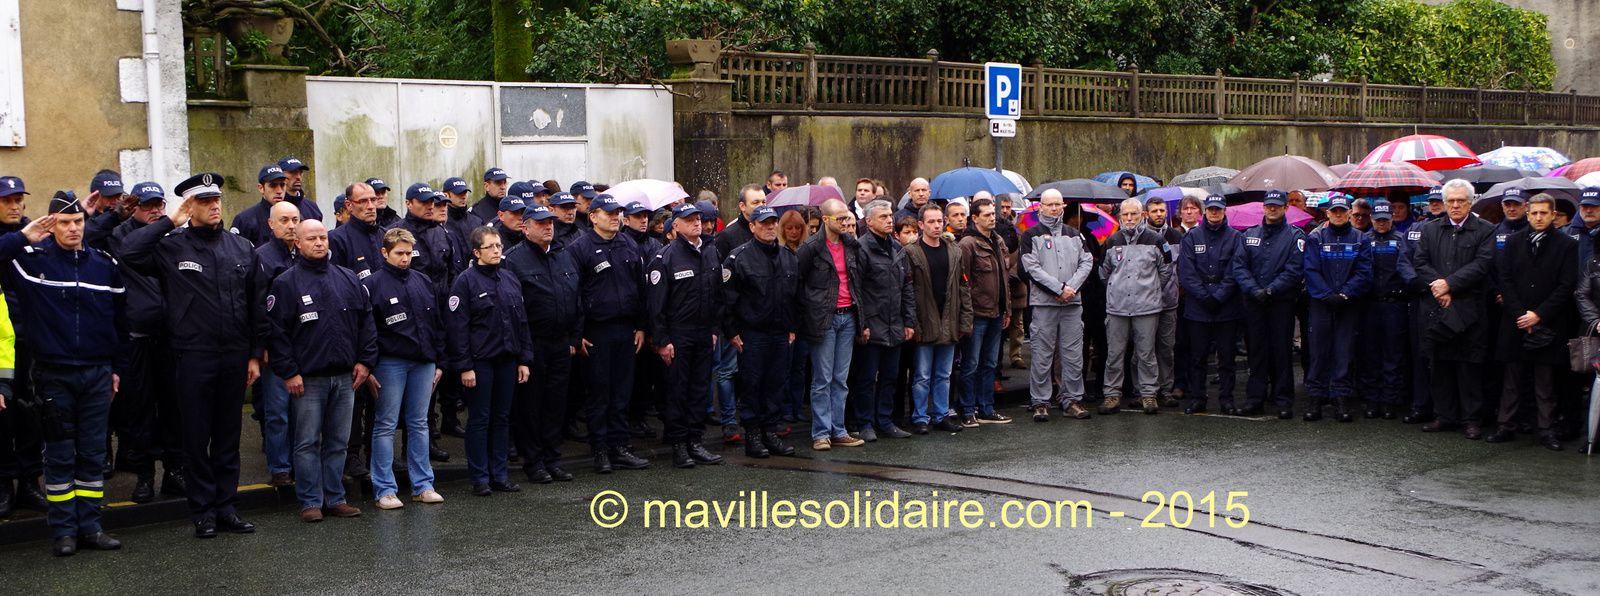 Une minute de silence à l'Hôtel de Police de la Roche-sur-Yon